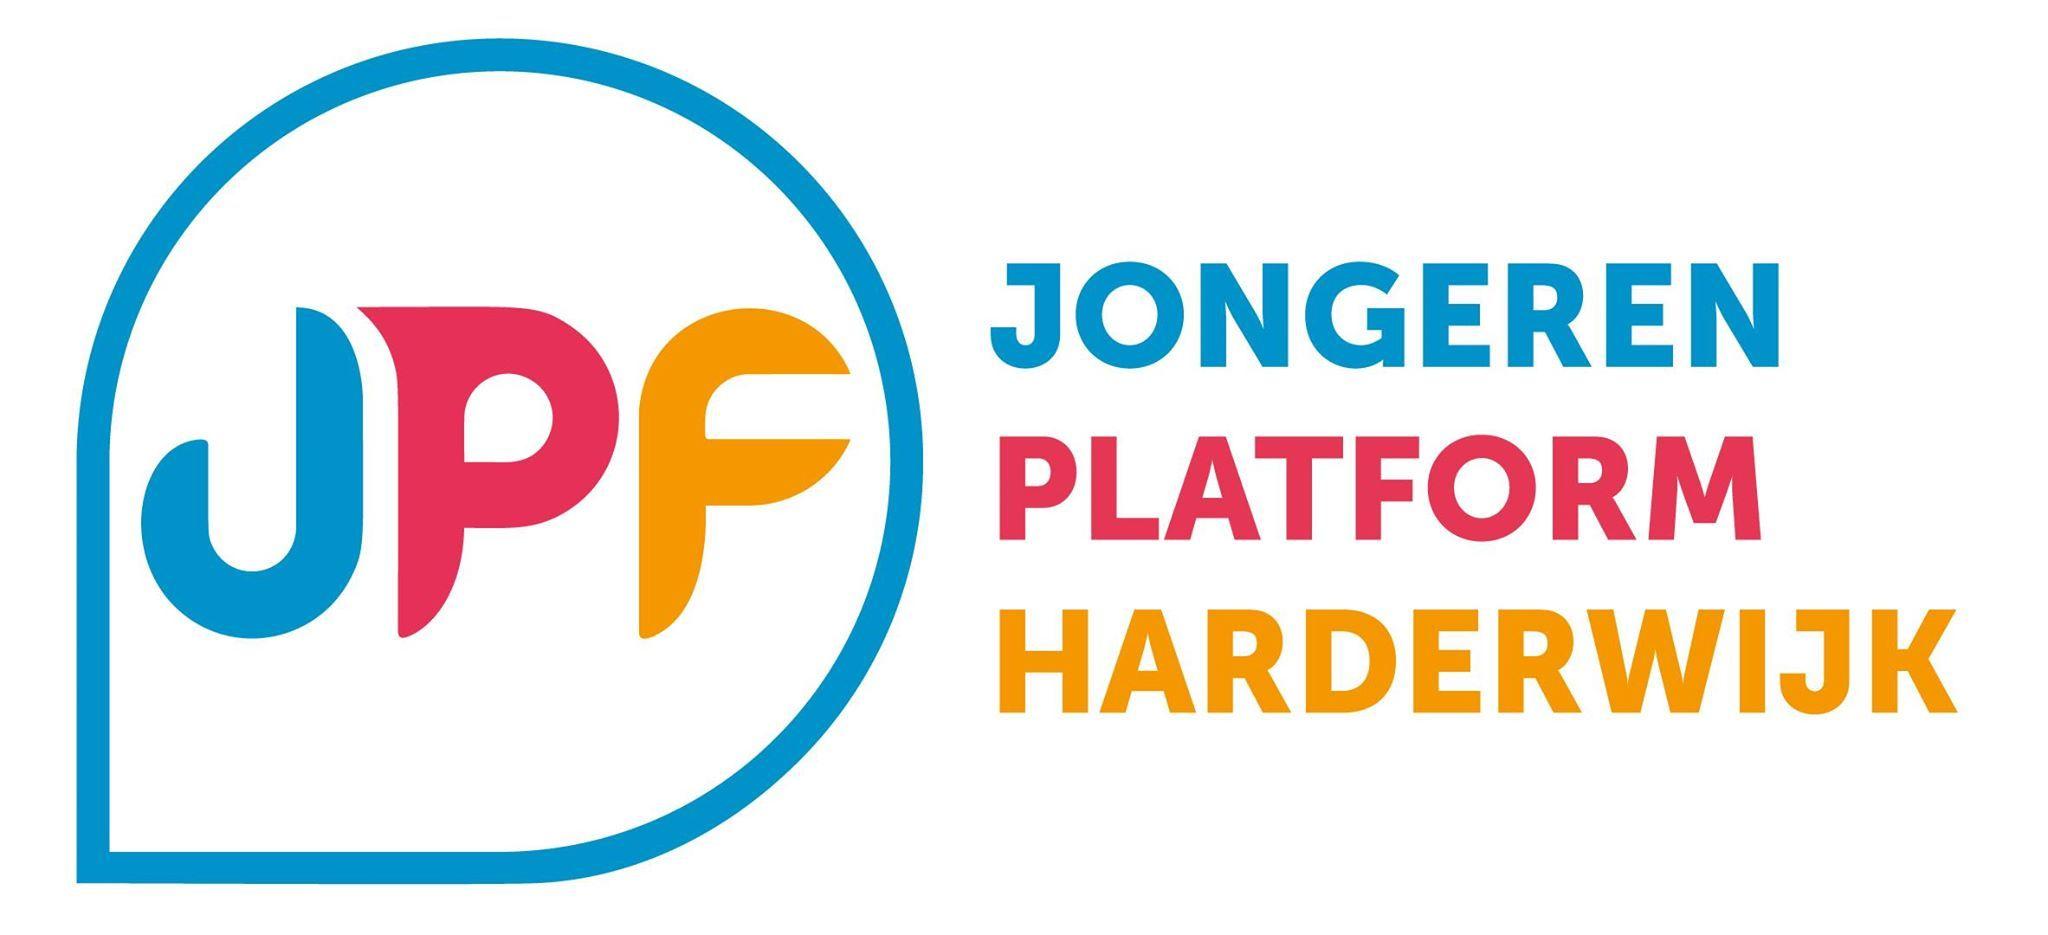 Bij mijn laatste werkgever, ZorgDat, begeleidde ik de jongeren van het Jongeren Platform Harderwijk.